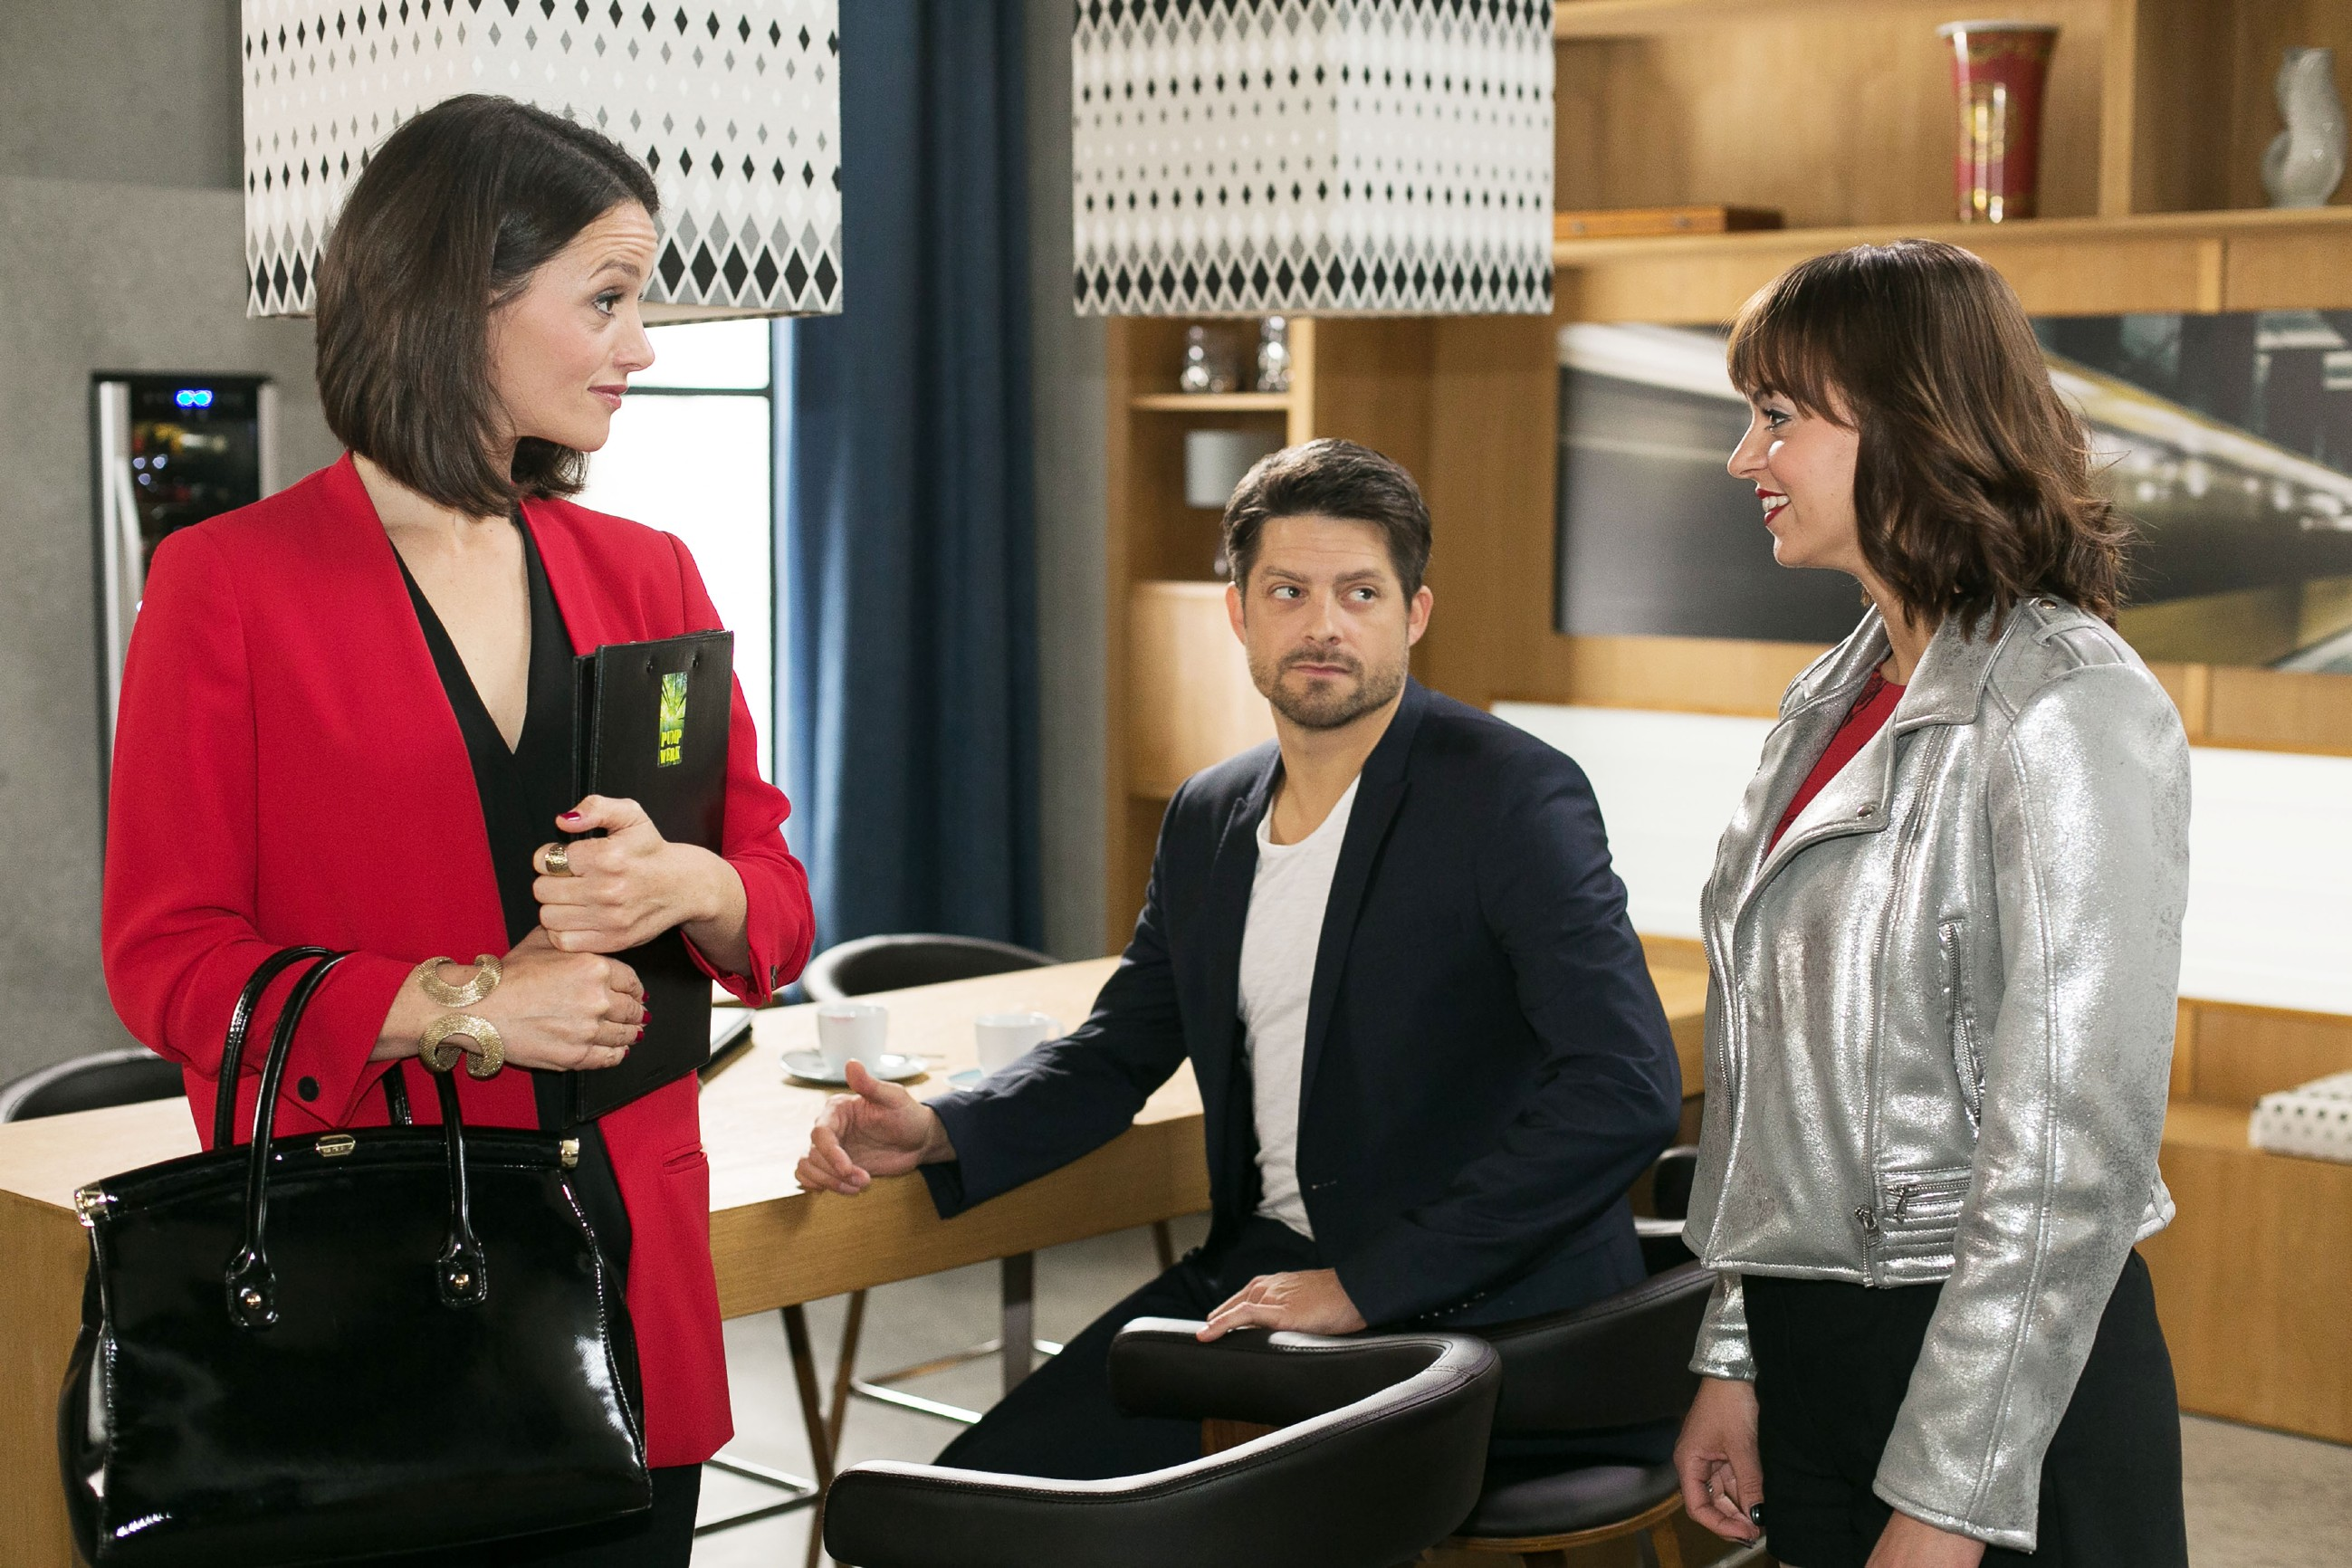 Michelle (Franziska Benz, r.) erfährt im Beisein von Vincent (Daniel Buder) von Jenny (Kaja Schmidt-Tychsen), dass Ronny für sie auf die Vulkan-Challenge verzichtet hat. (Quelle: RTL / Kai Schulz)